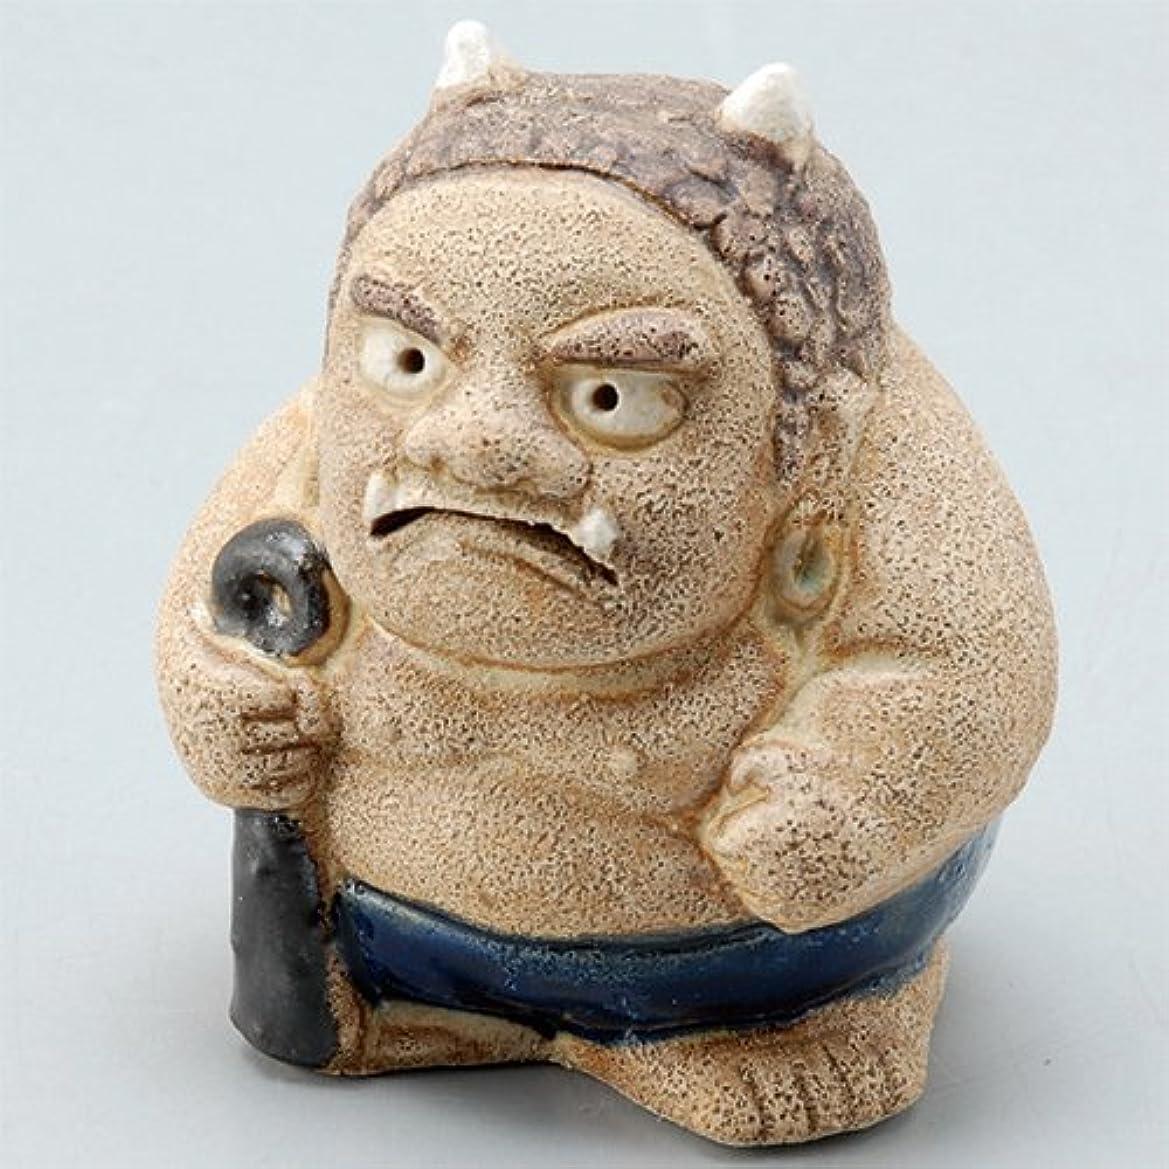 クリップ鋼後香炉 飾り香炉(福鬼) [H6.8cm] HANDMADE プレゼント ギフト 和食器 かわいい インテリア